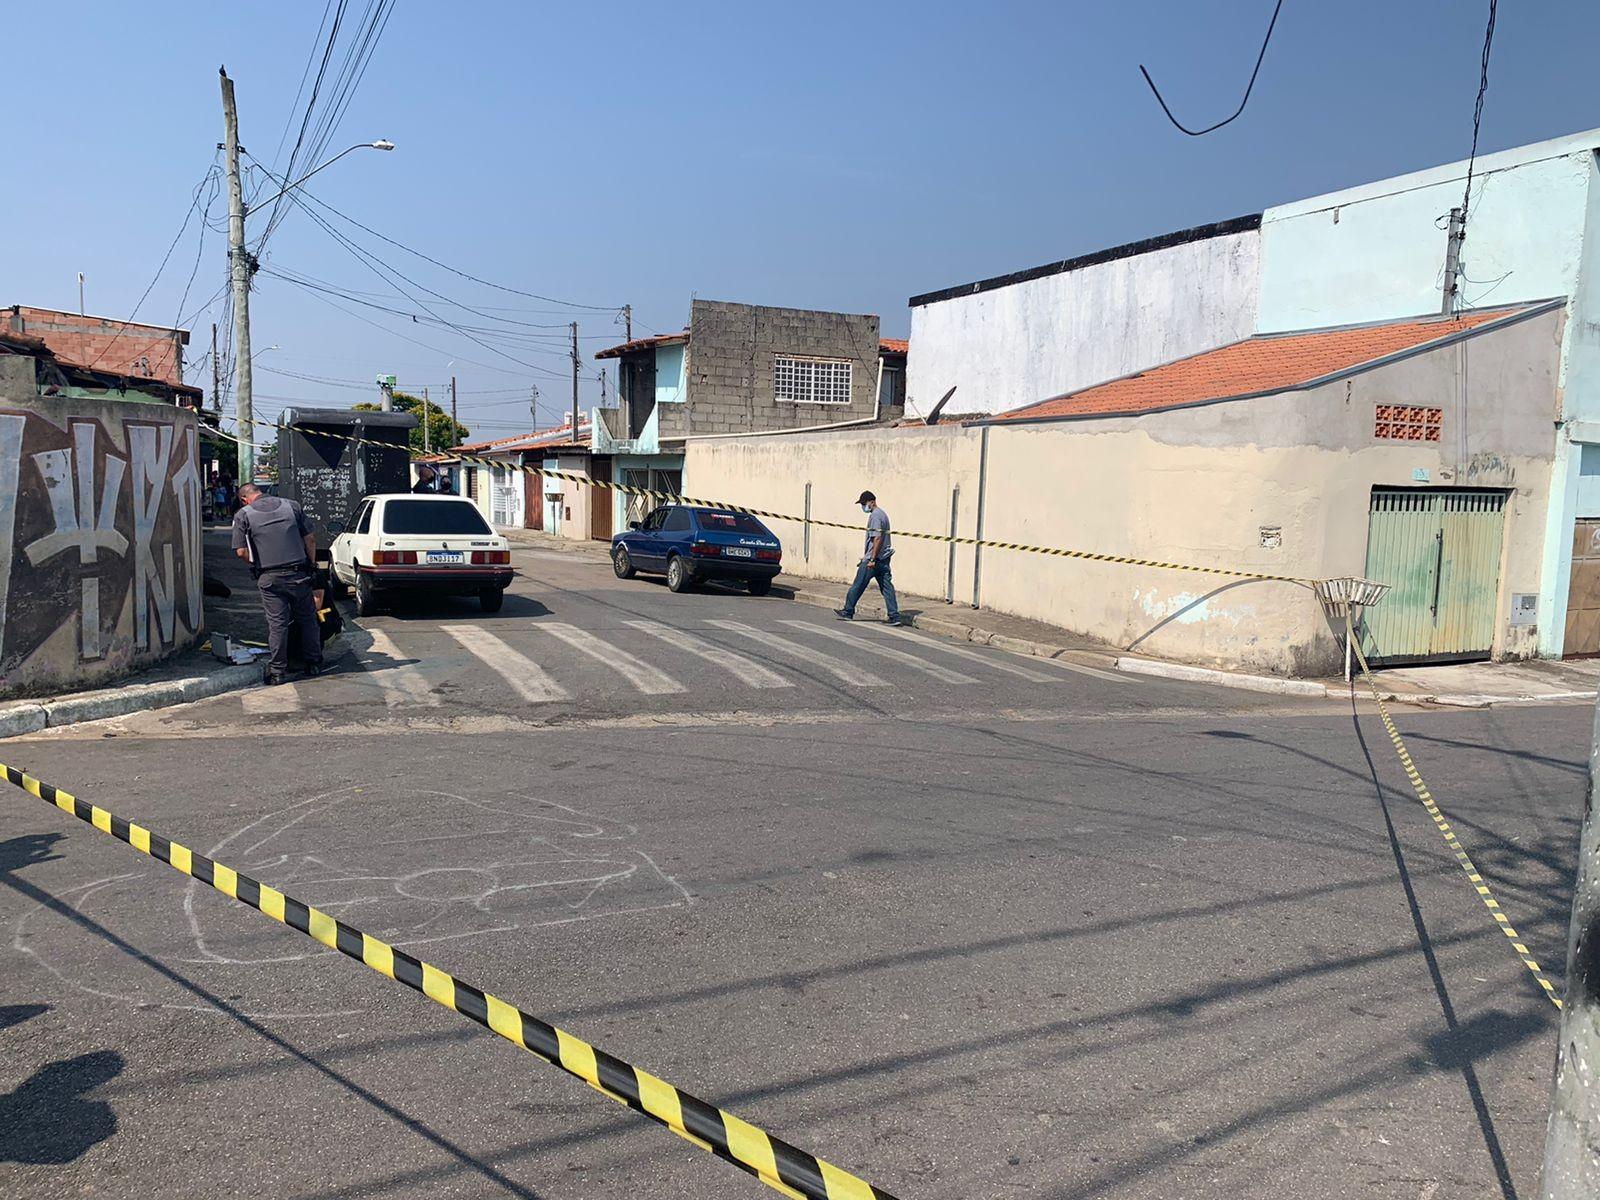 Troca de tiros no bairro São Gonçalo deixa feridos em Taubaté; adolescente é apreendido